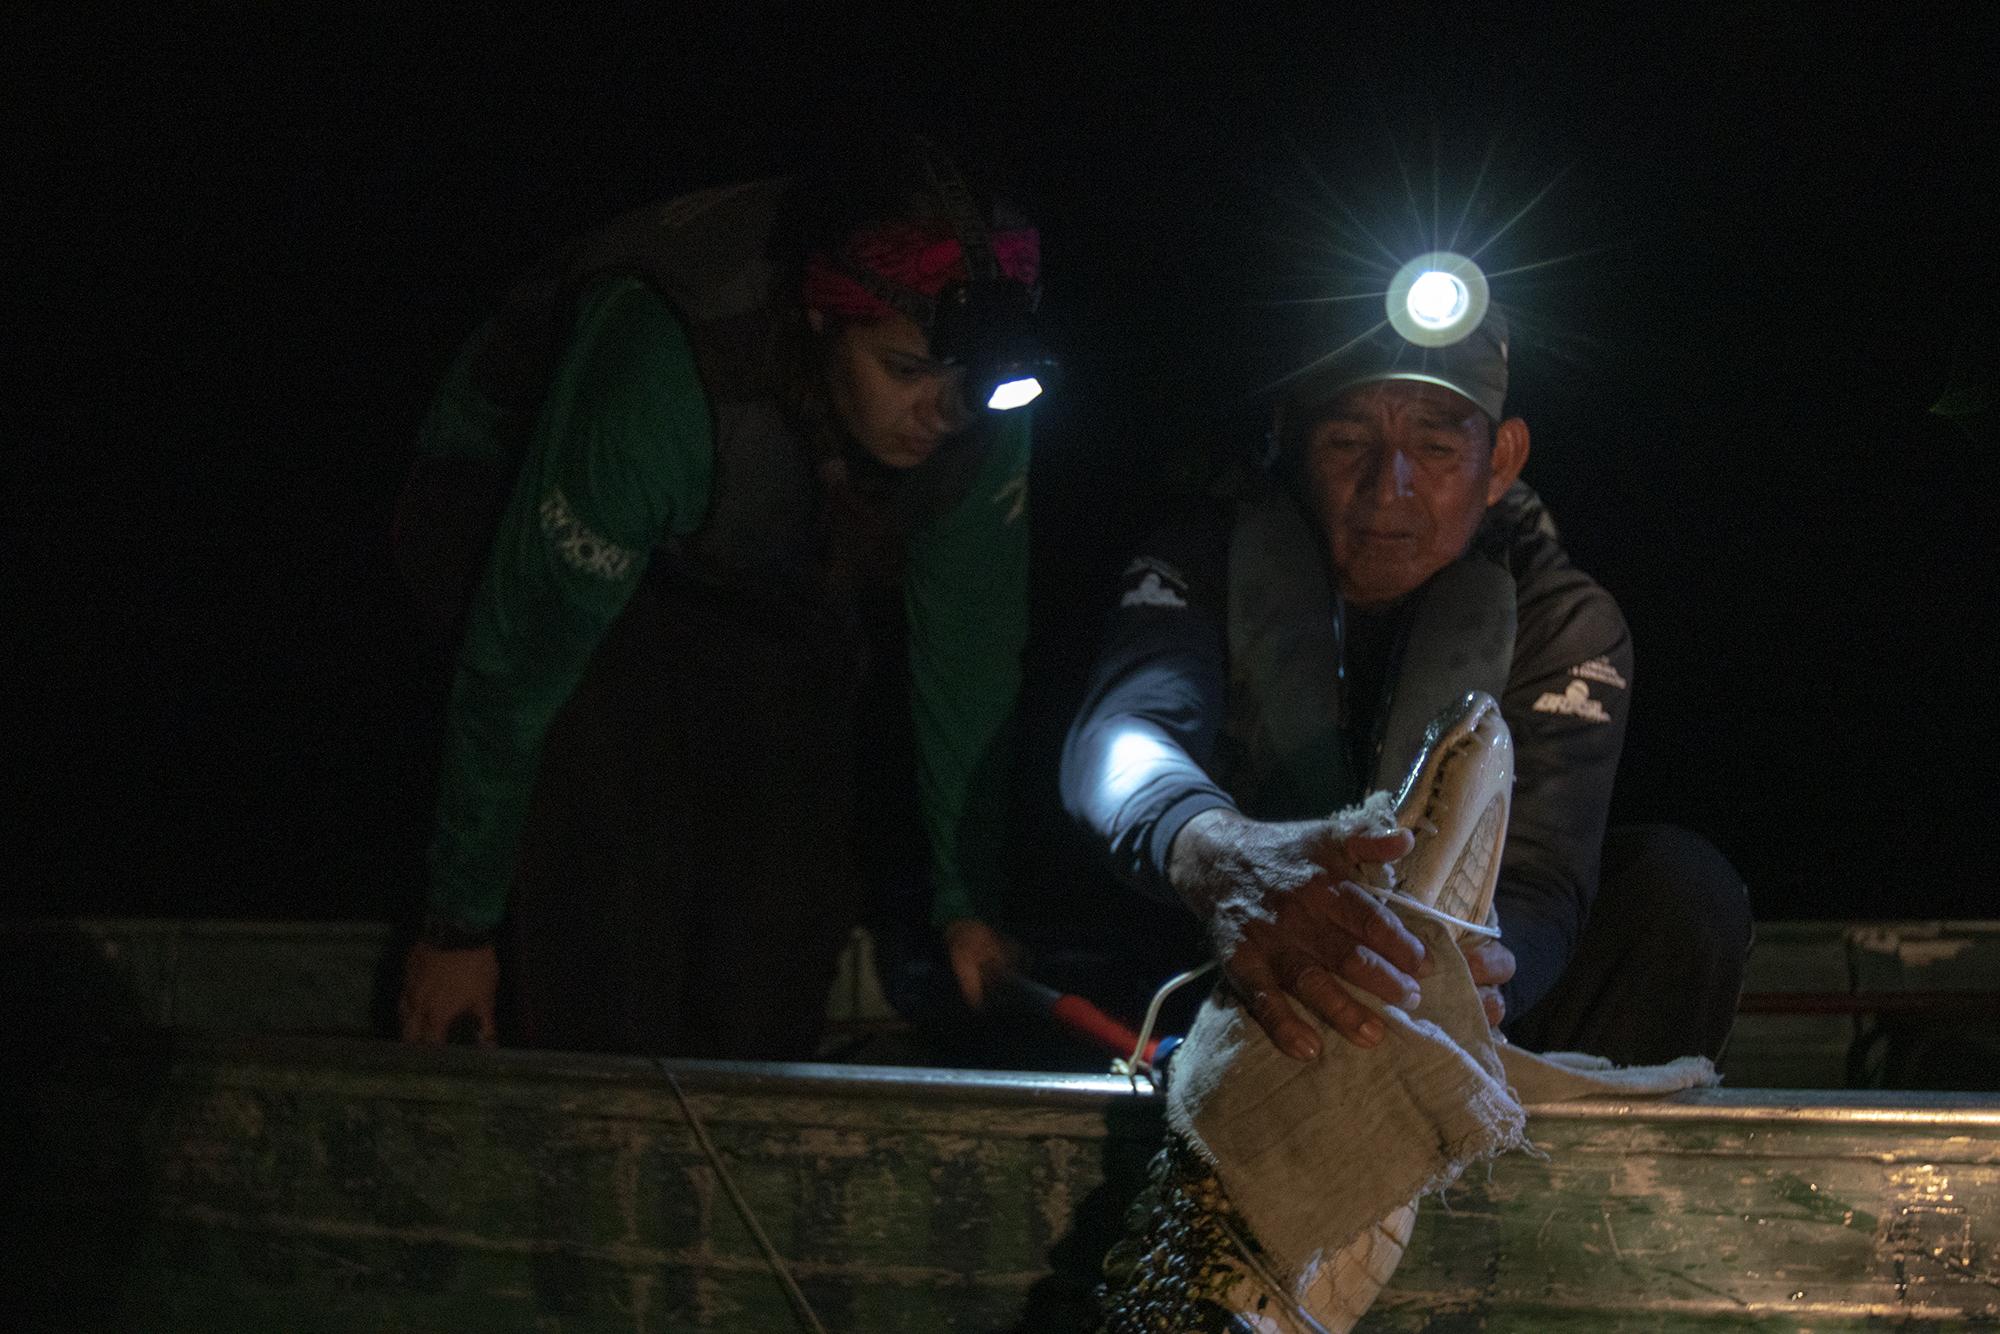 Investigadores del Instituto Mamirauá en su trabajo con caimán negro. Foto: Leonardo Lopes.